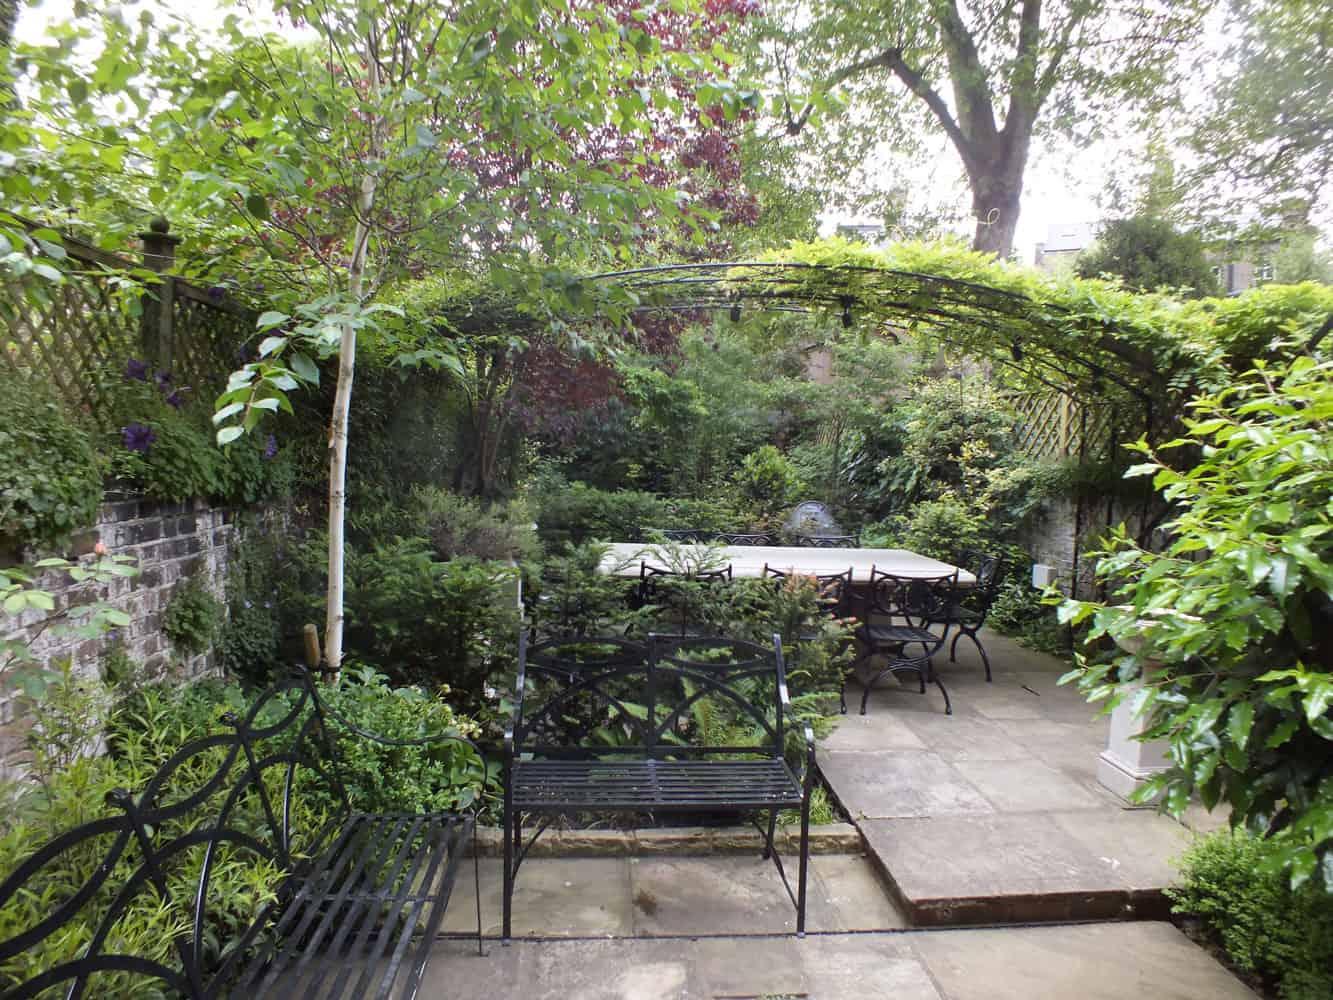 Aralia Garden Design wins a Gold Award